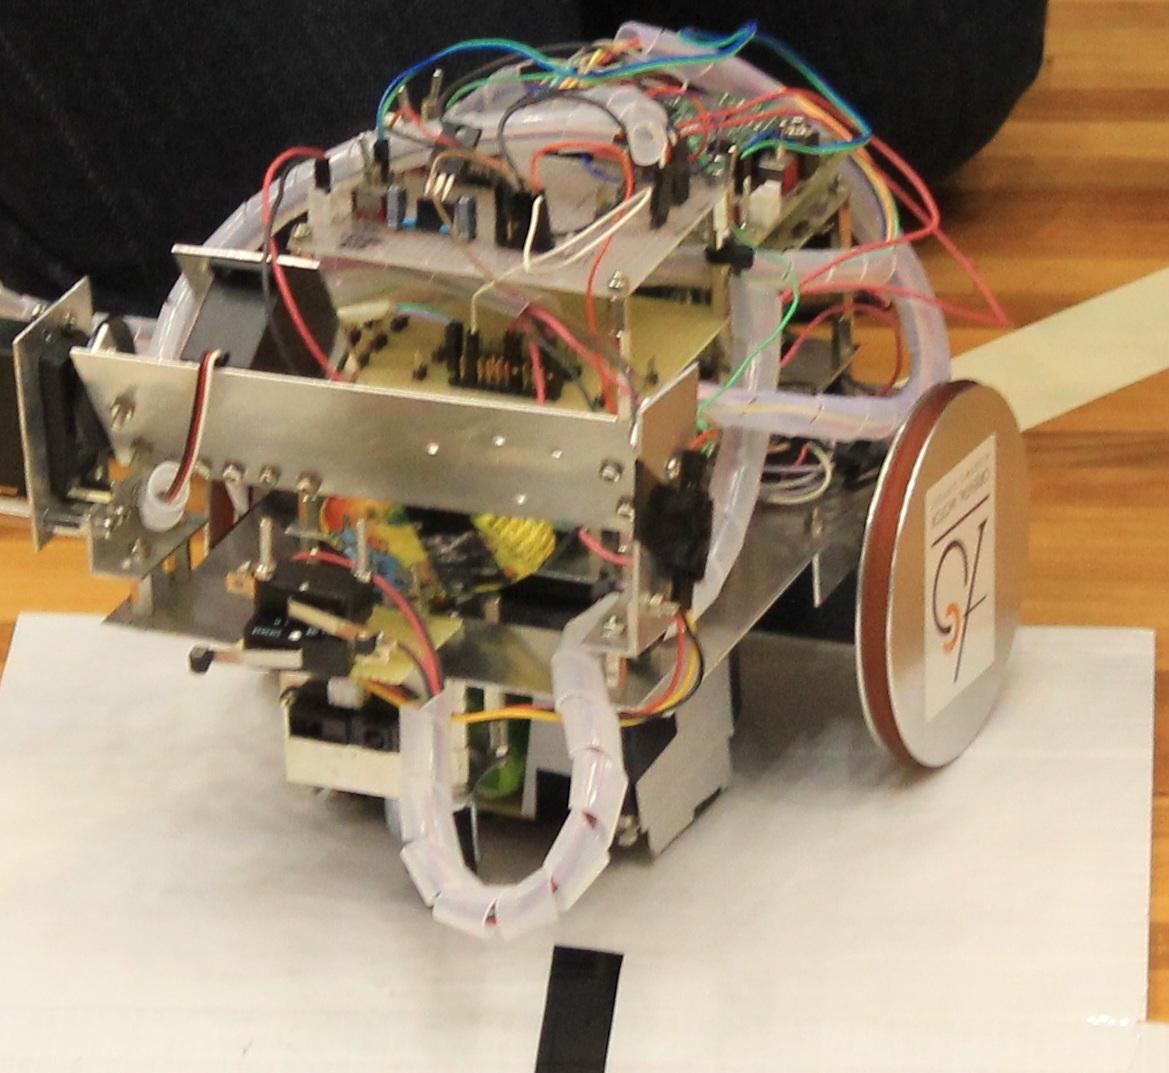 去年のロボットも大きかったですが、今年のロボットも大きいですね。やっぱりモーターの音がいい!